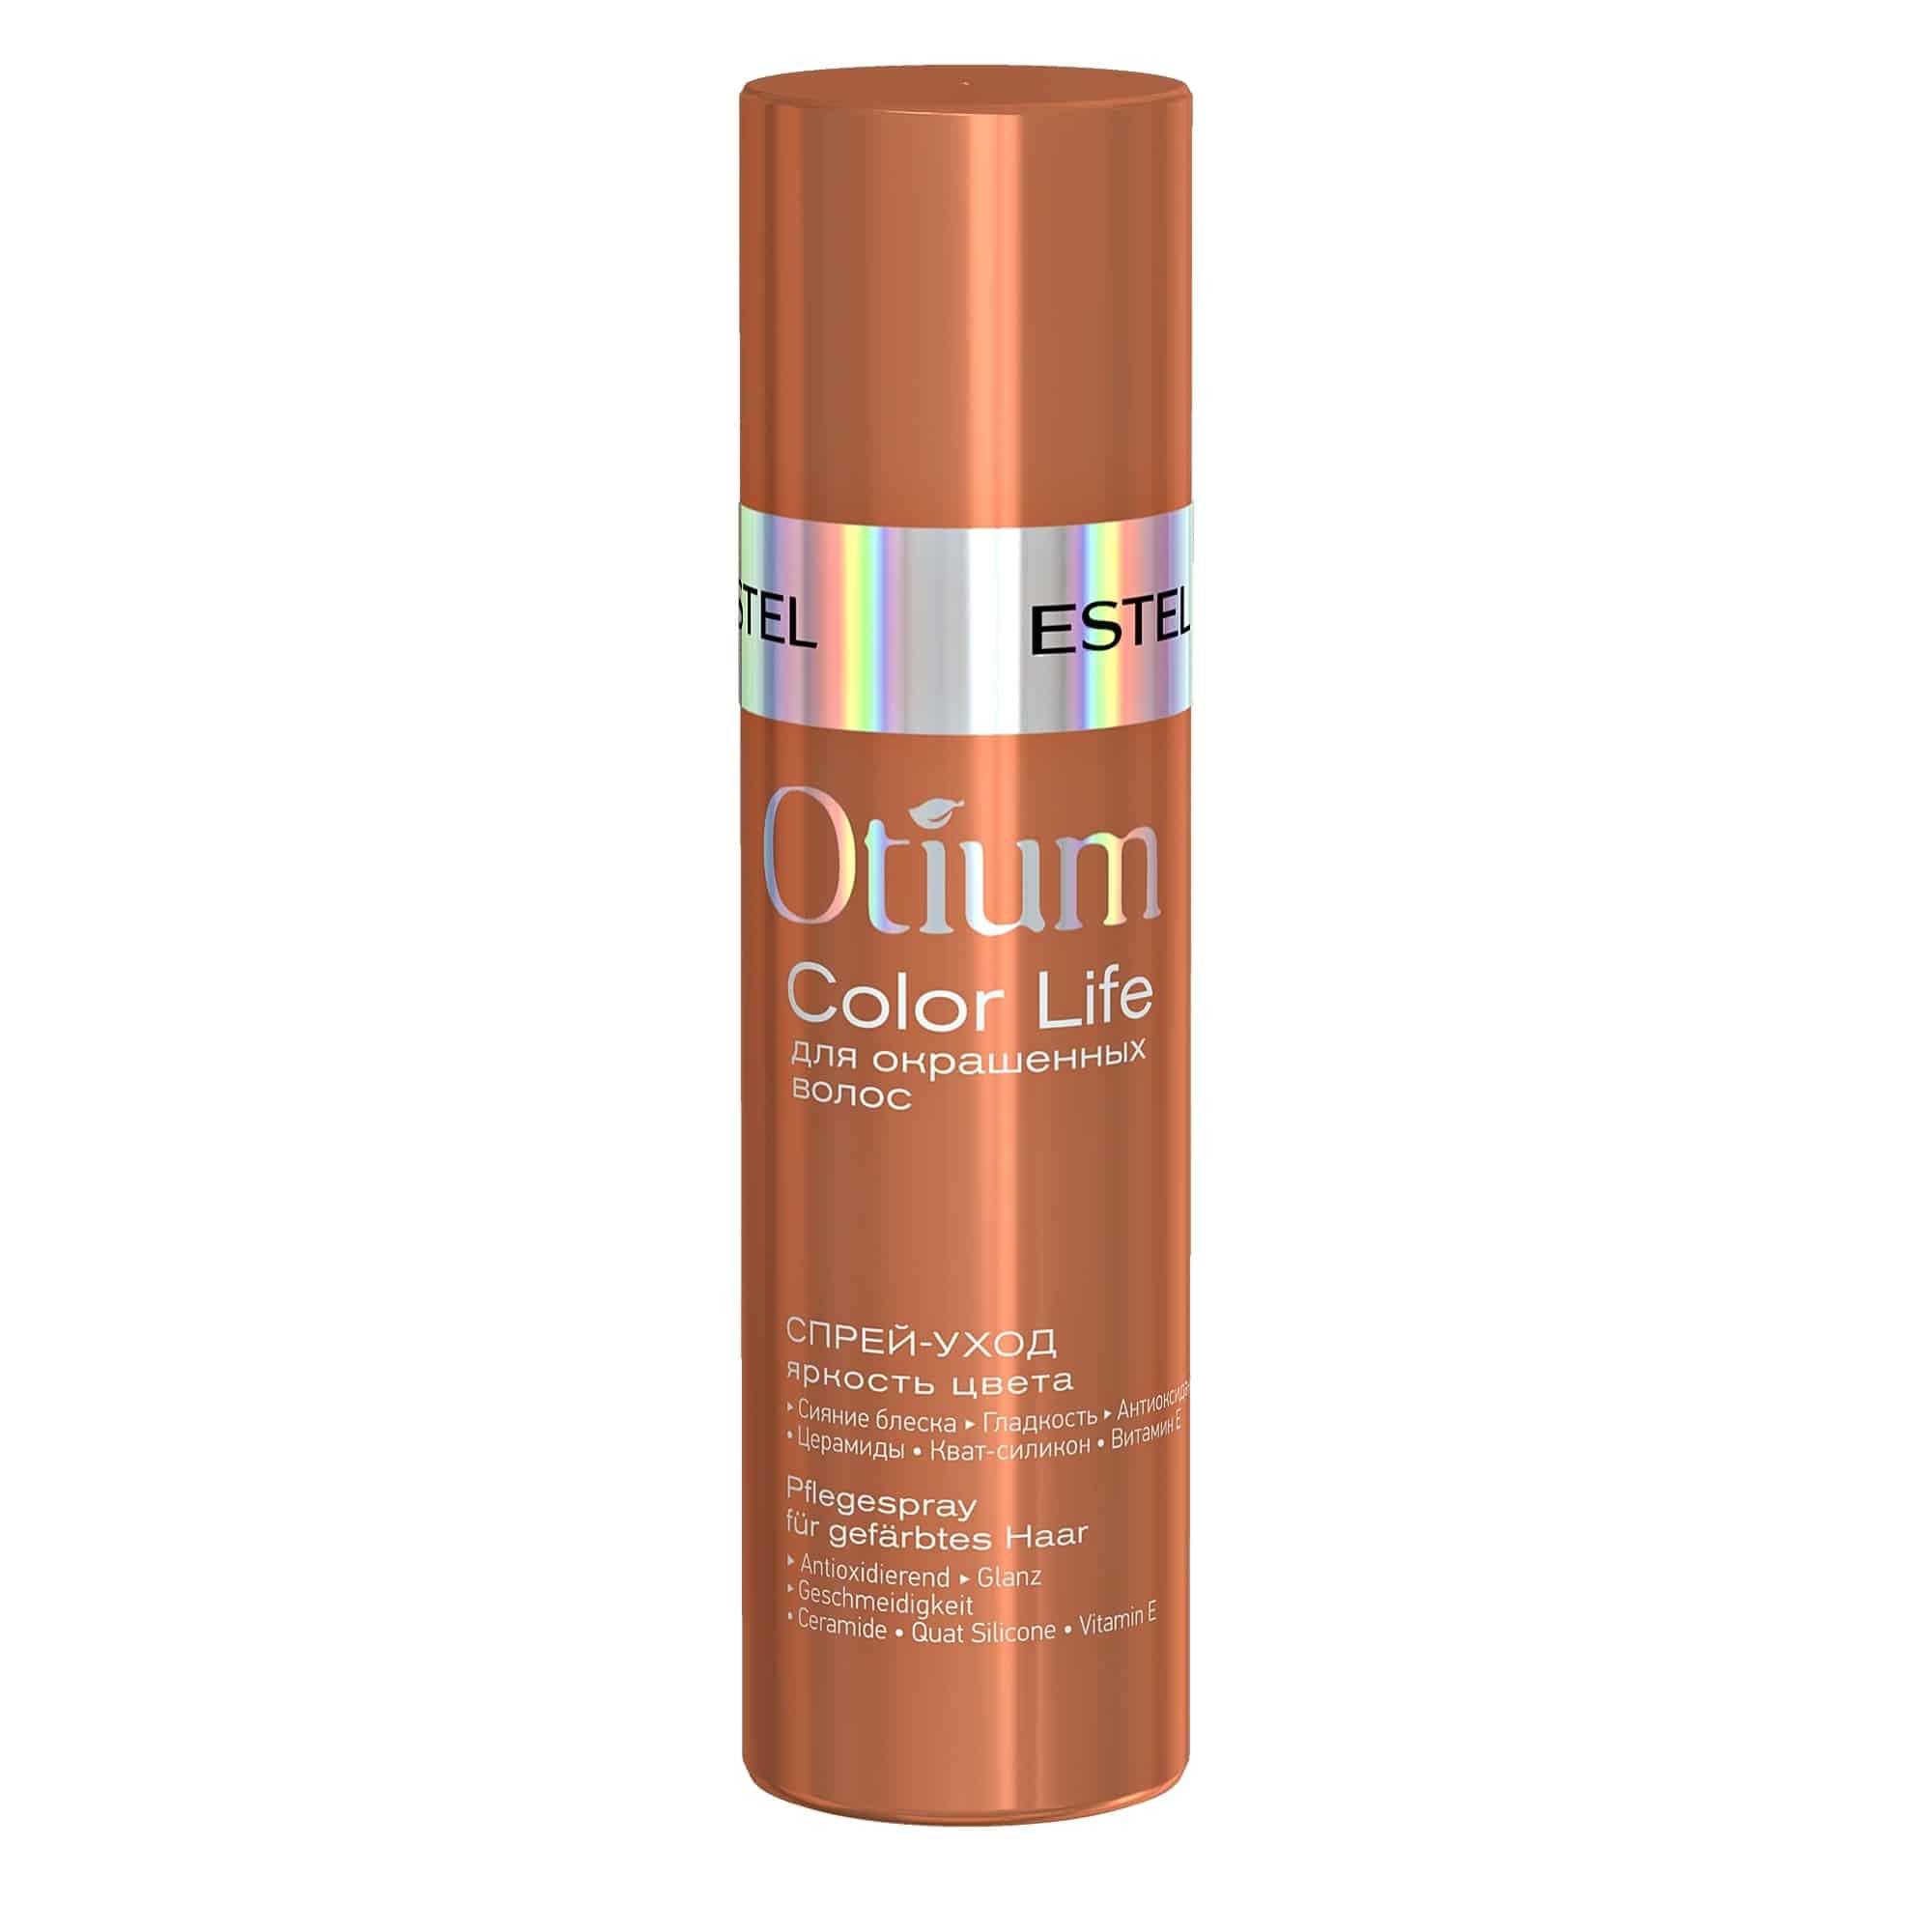 OTIUM COLOR LIFE Pflegespray für gefärbtes Haar von ESTEL